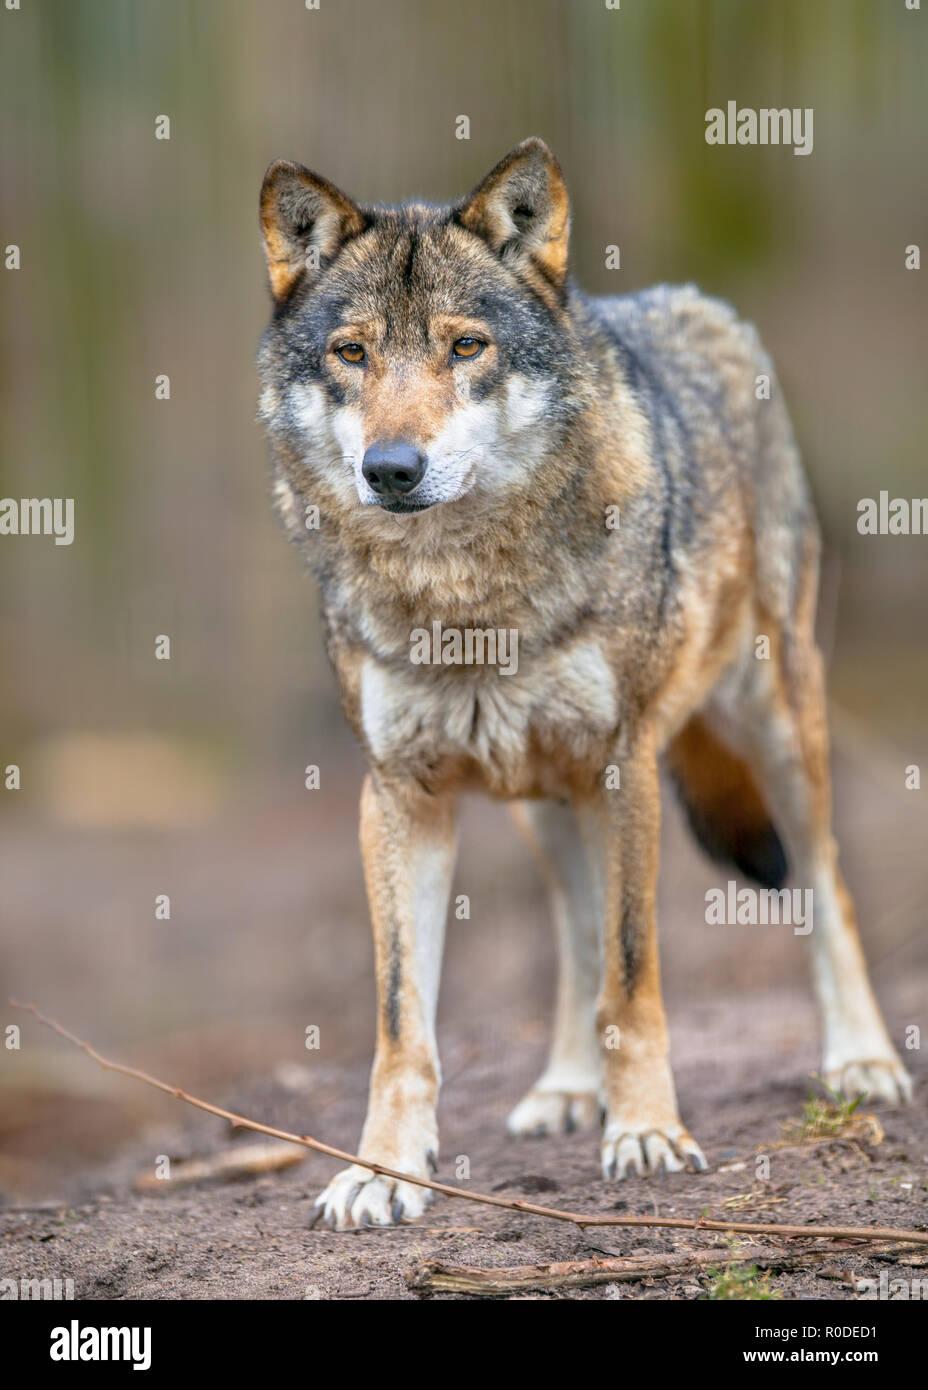 Der Graue Wolf (Canis lupus Lupus) ist der am meisten spezialisierten Mitglied der Gattung Canis, wie durch seine morphologischen Anpassungen an die Jagd große gezeigt Stockbild